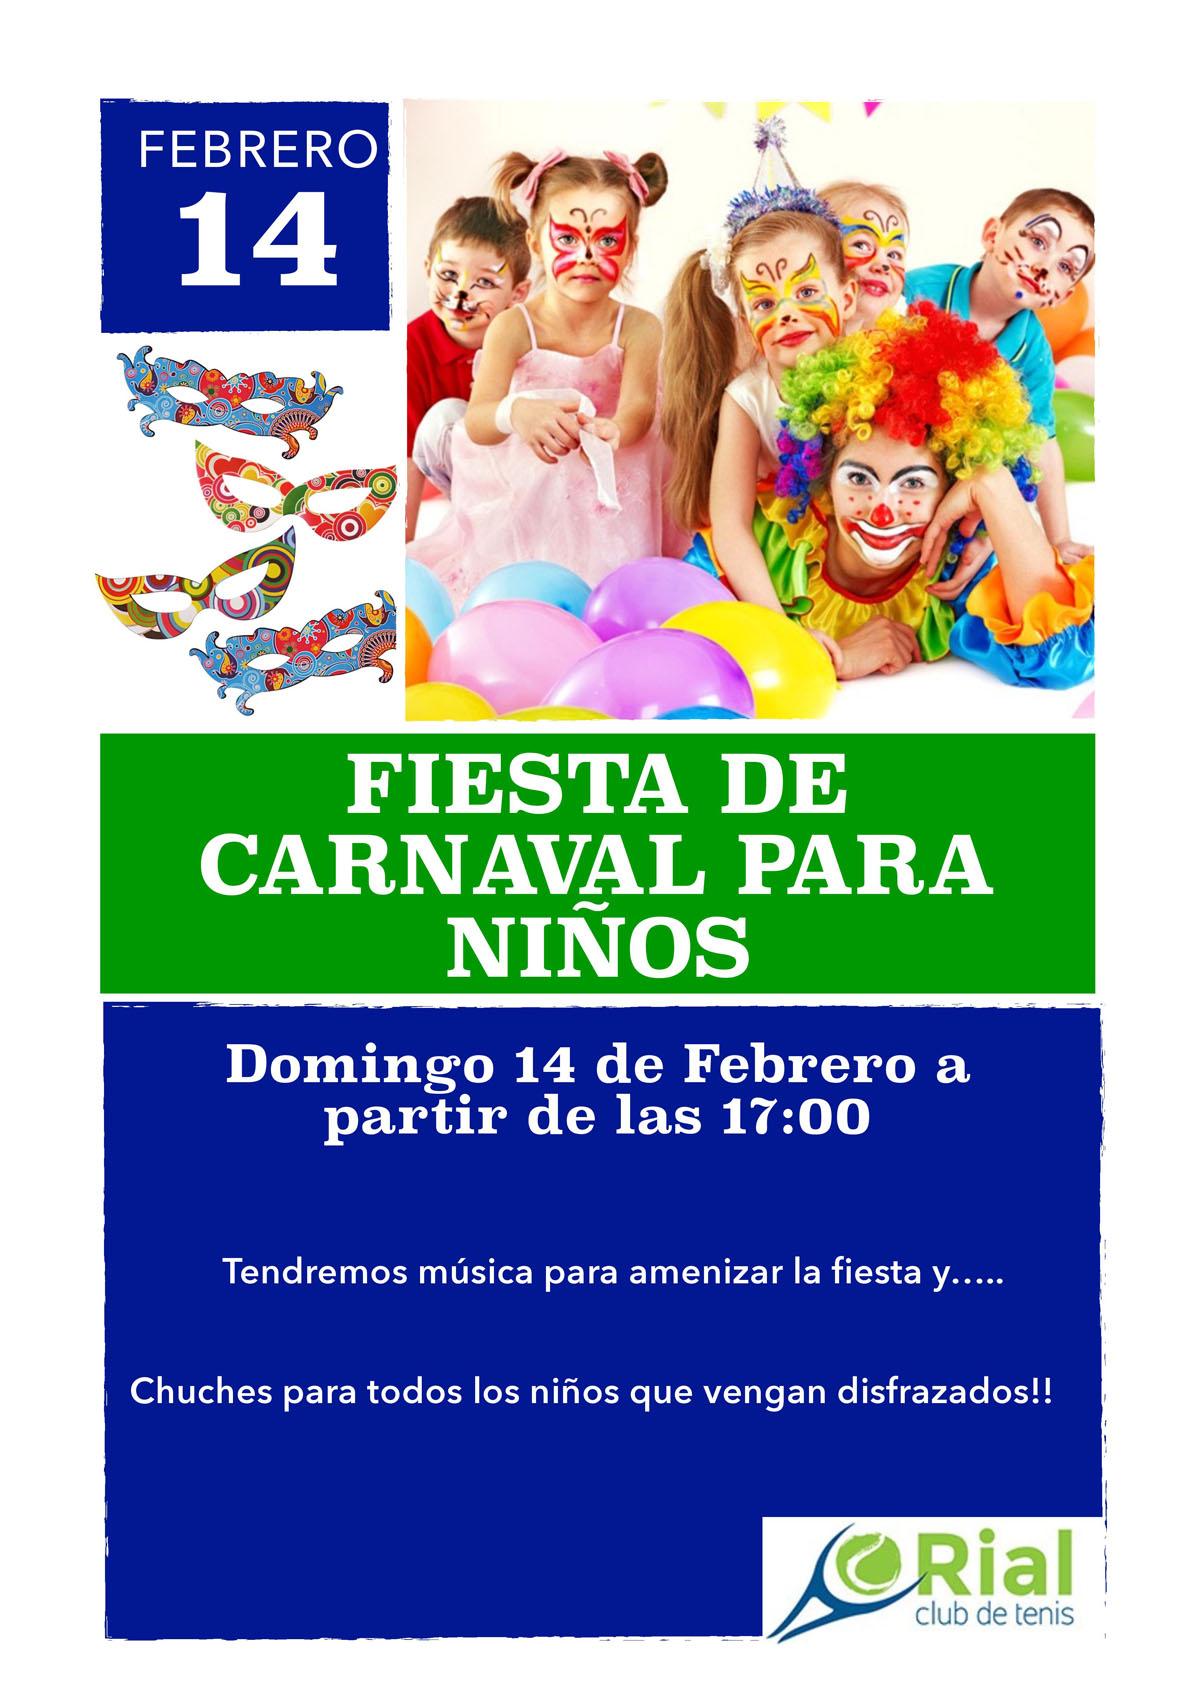 Fiesta de carnaval para niños 2016